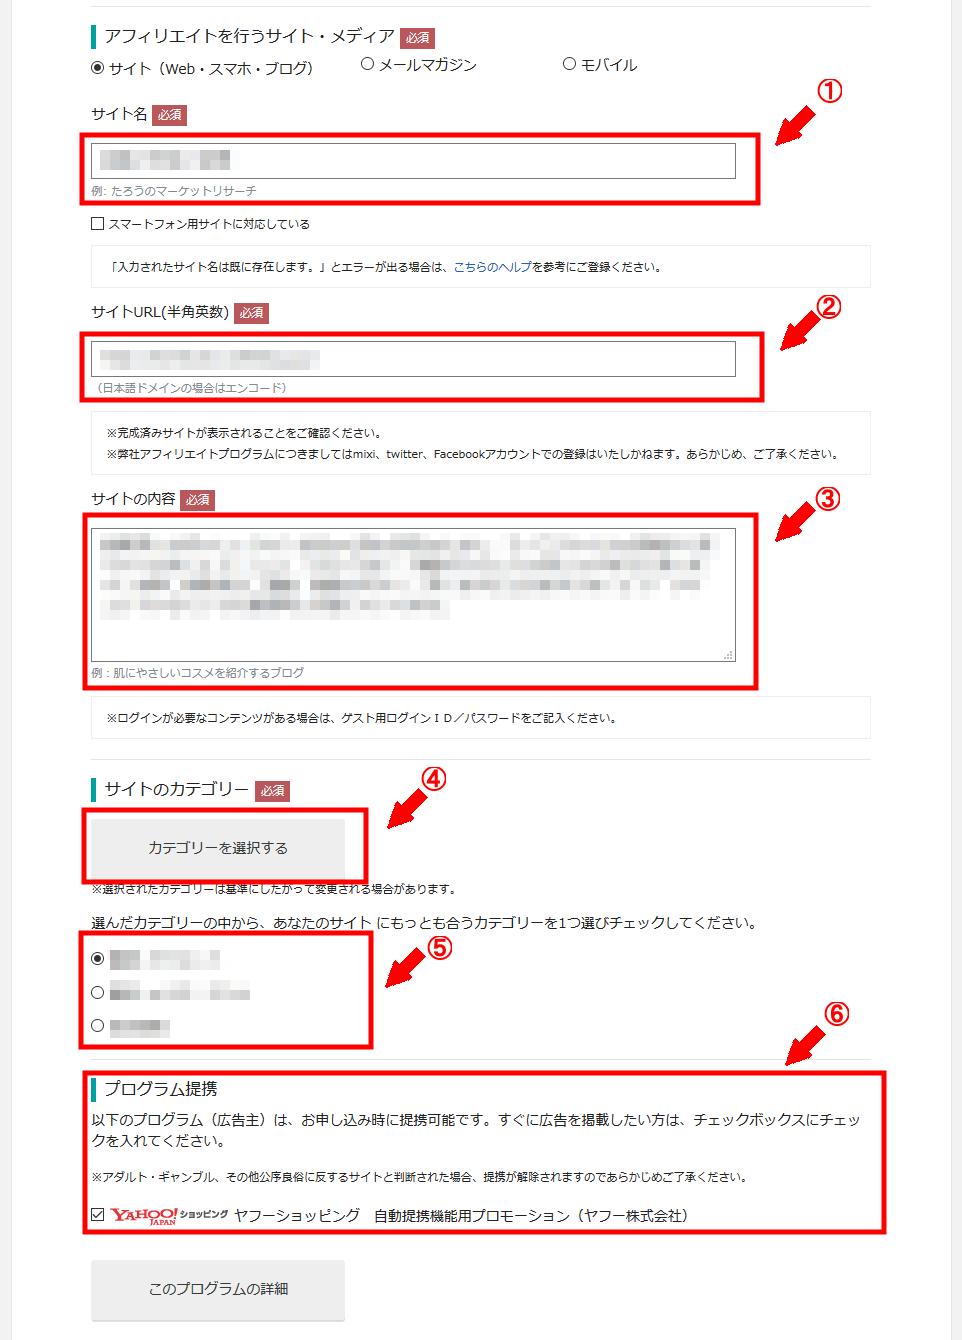 バリューコマスに無料会員登録する方法 3 (9)